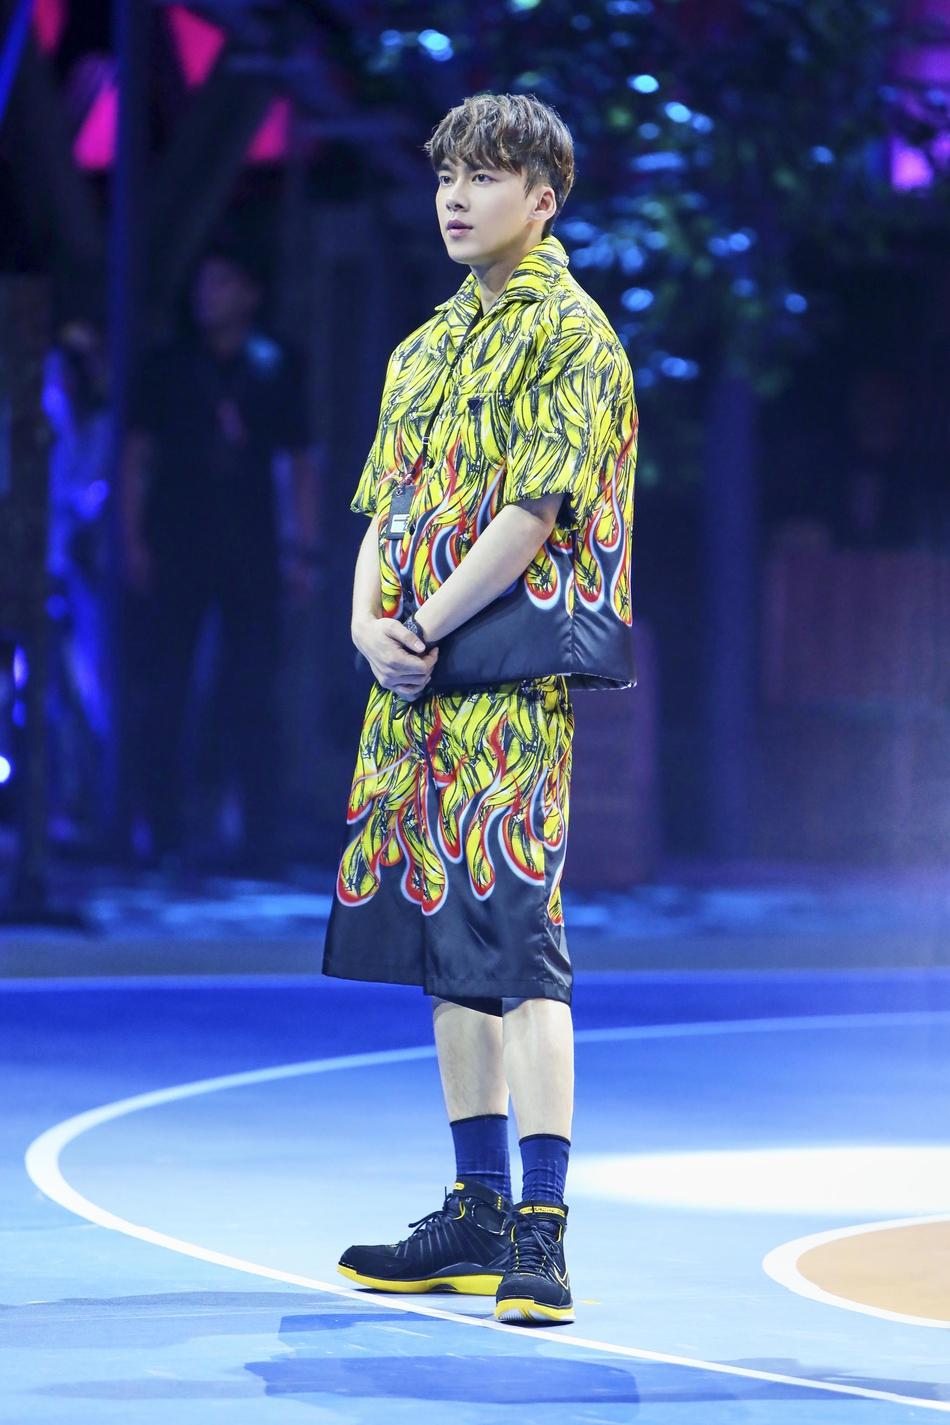 李易峰香蕉印花套装 玩味街头风潮